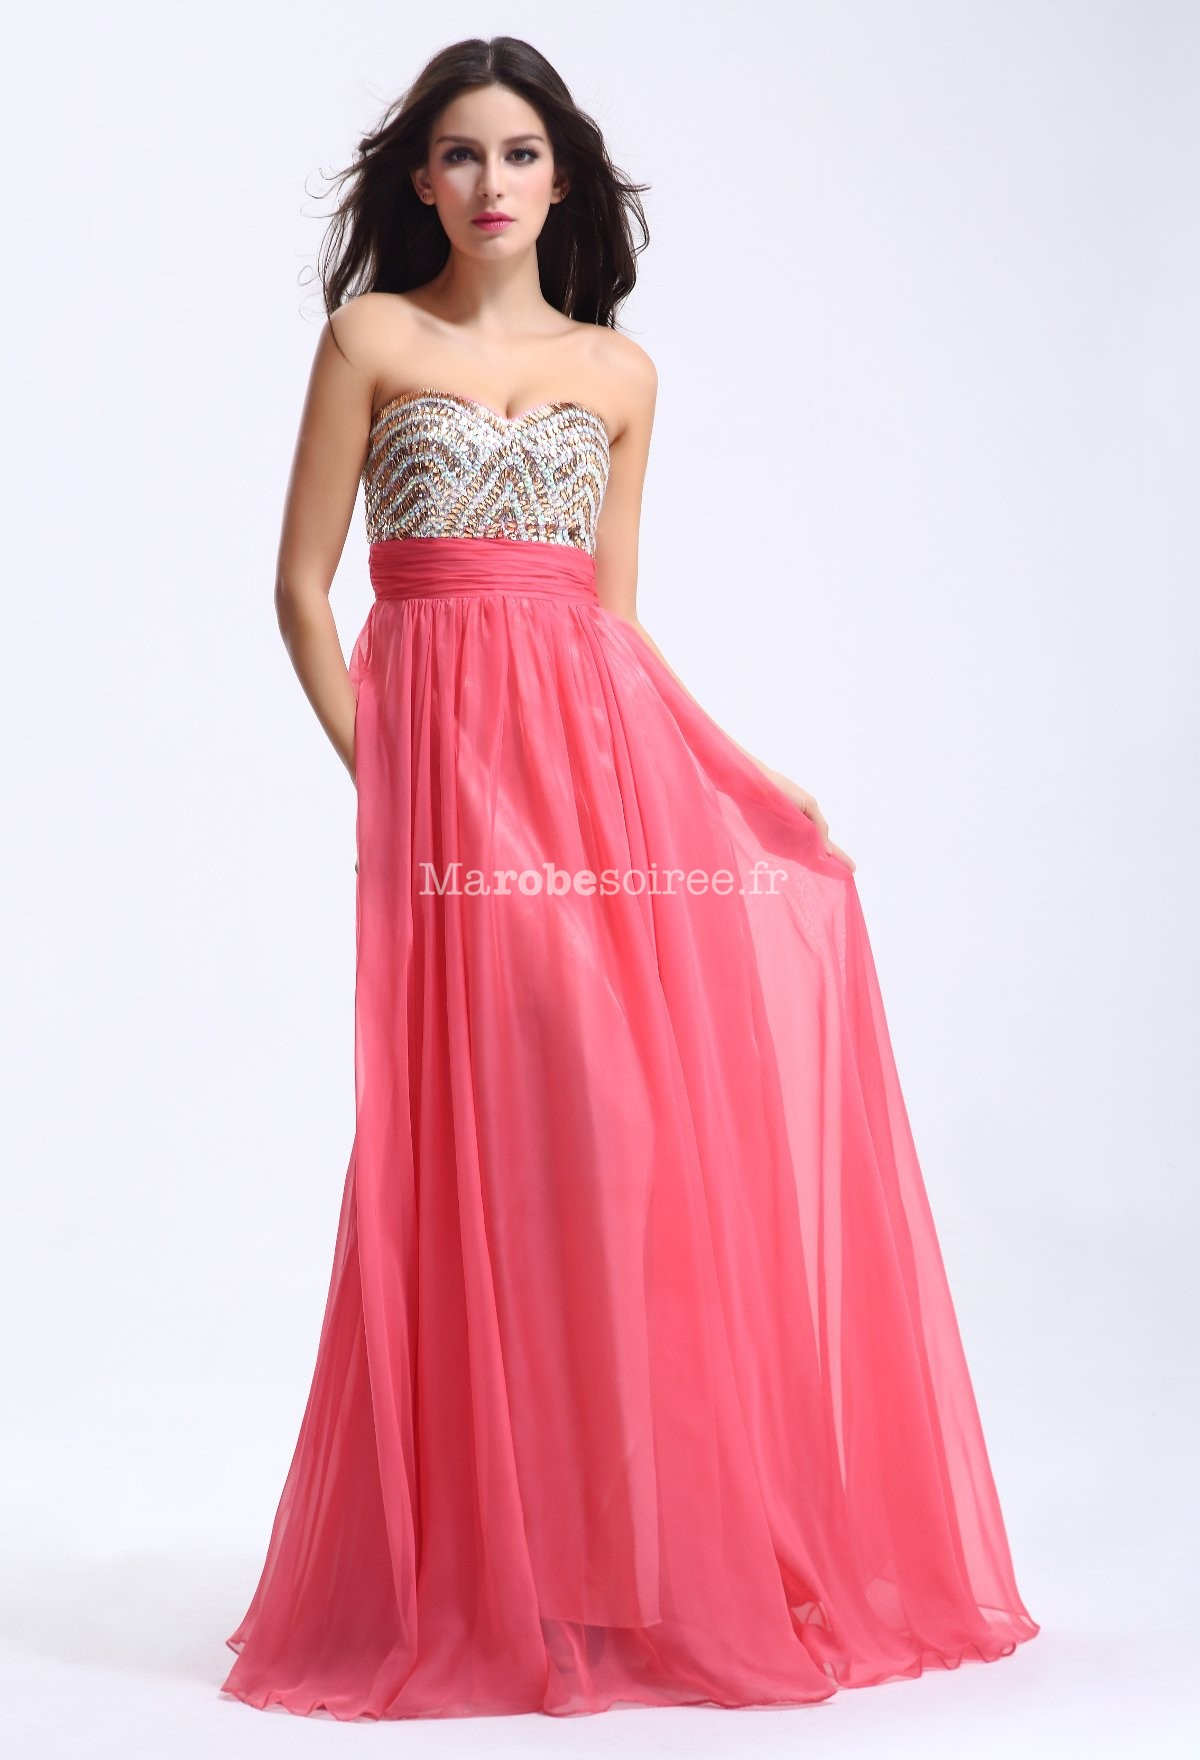 Robe mariage rose corail